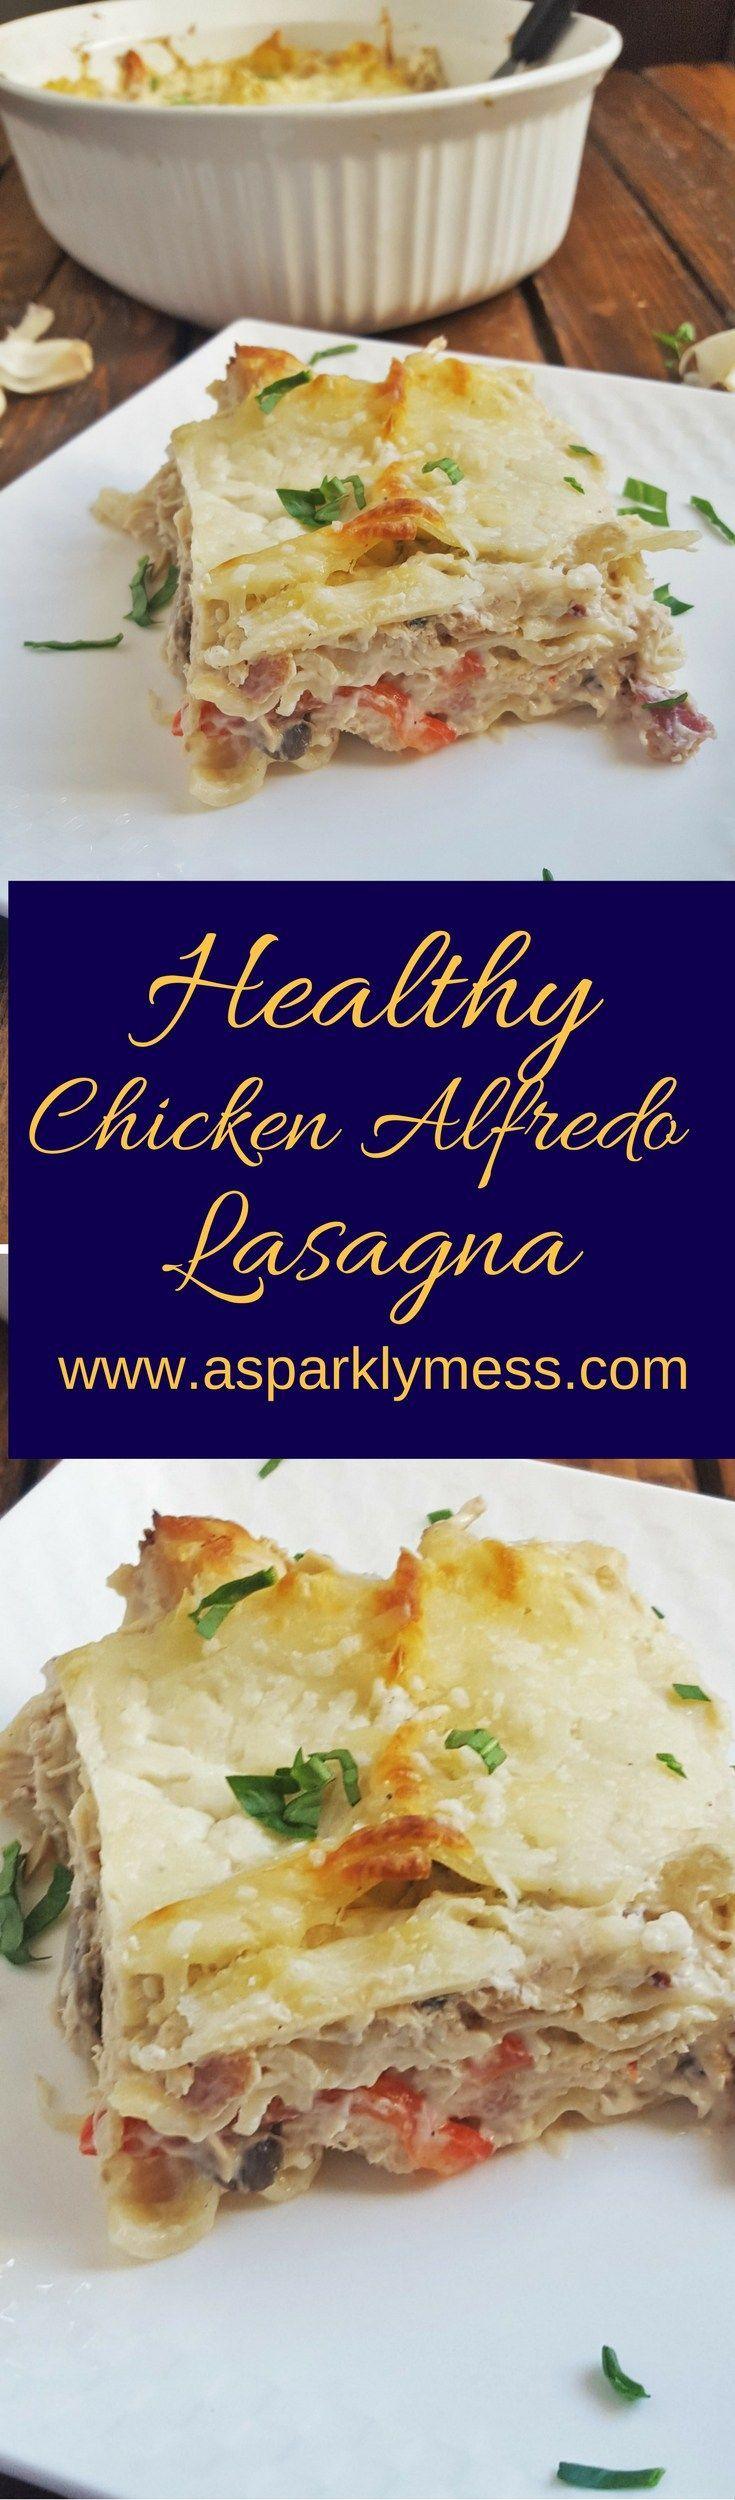 Healthy Chicken Alfredo Lasagna